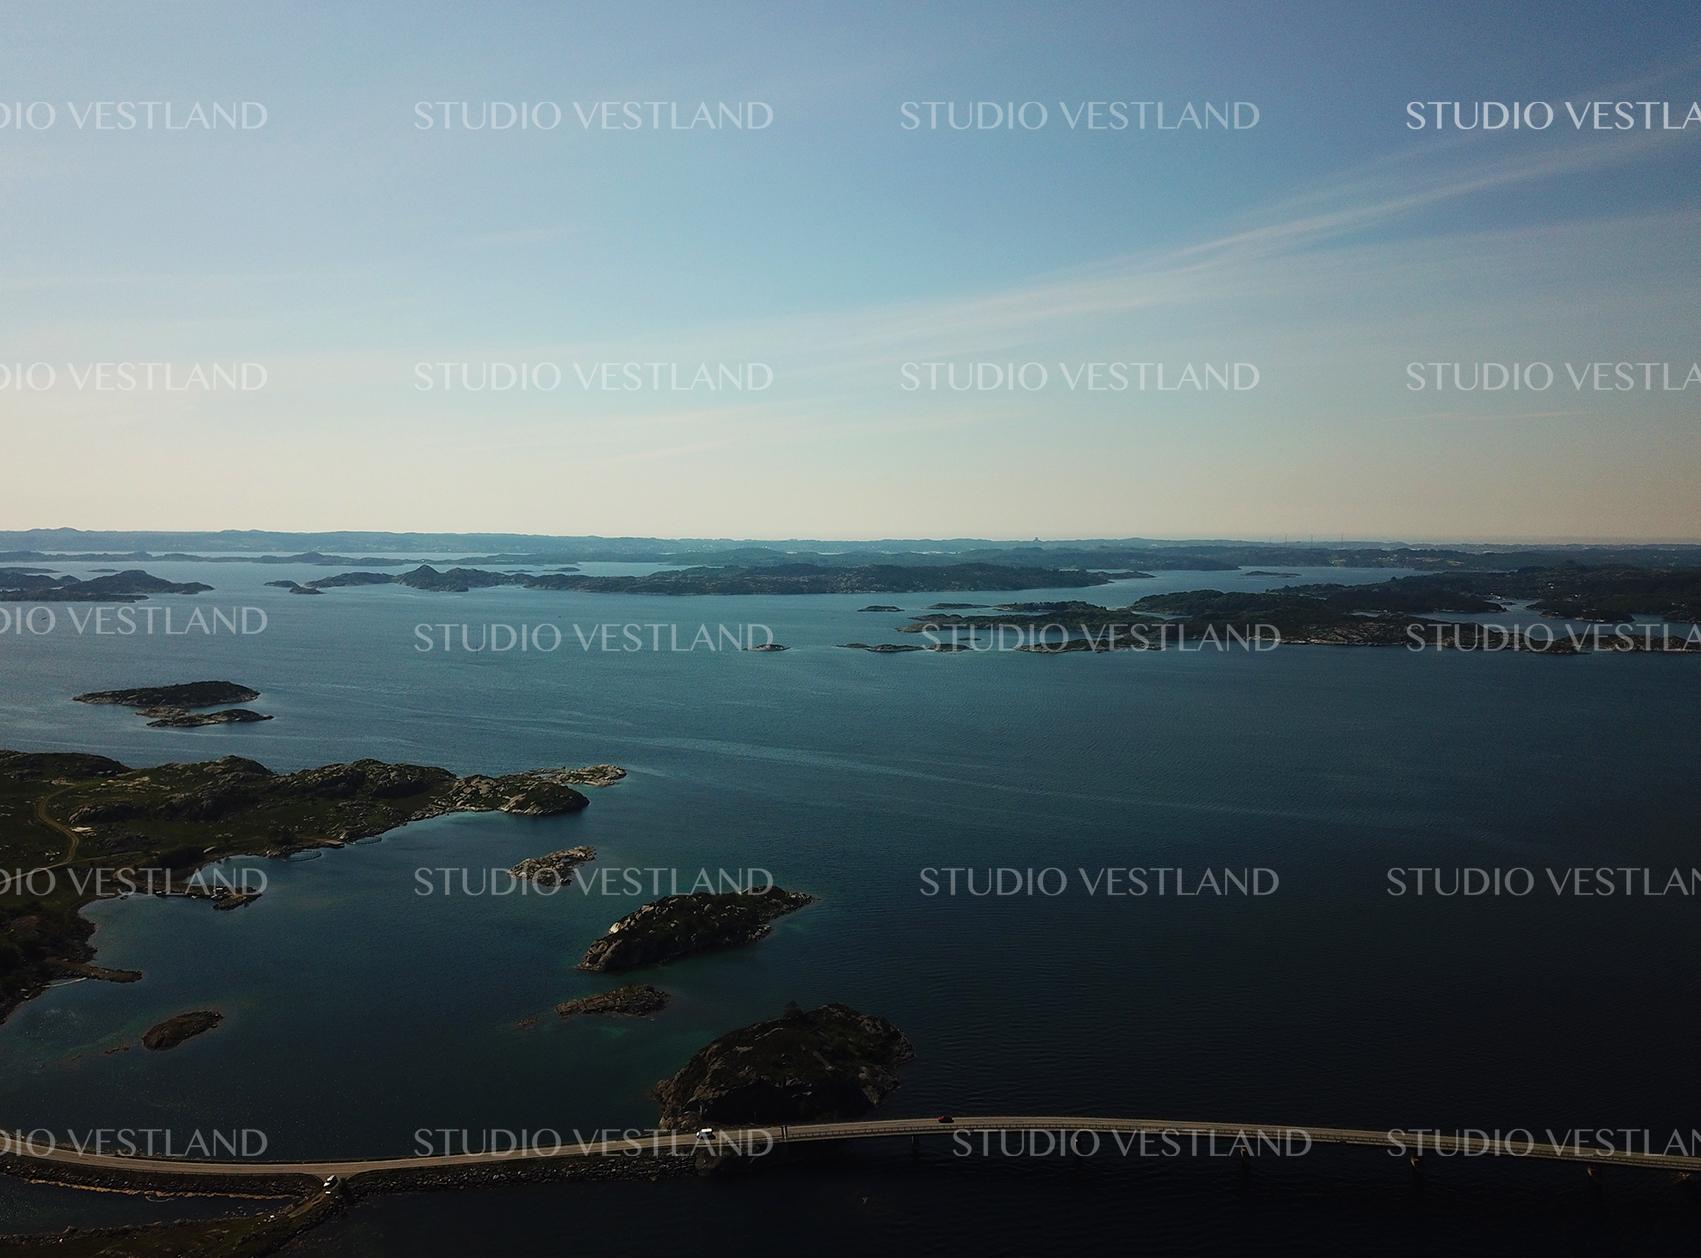 Studio Vestland - Kårstø og omegn 02